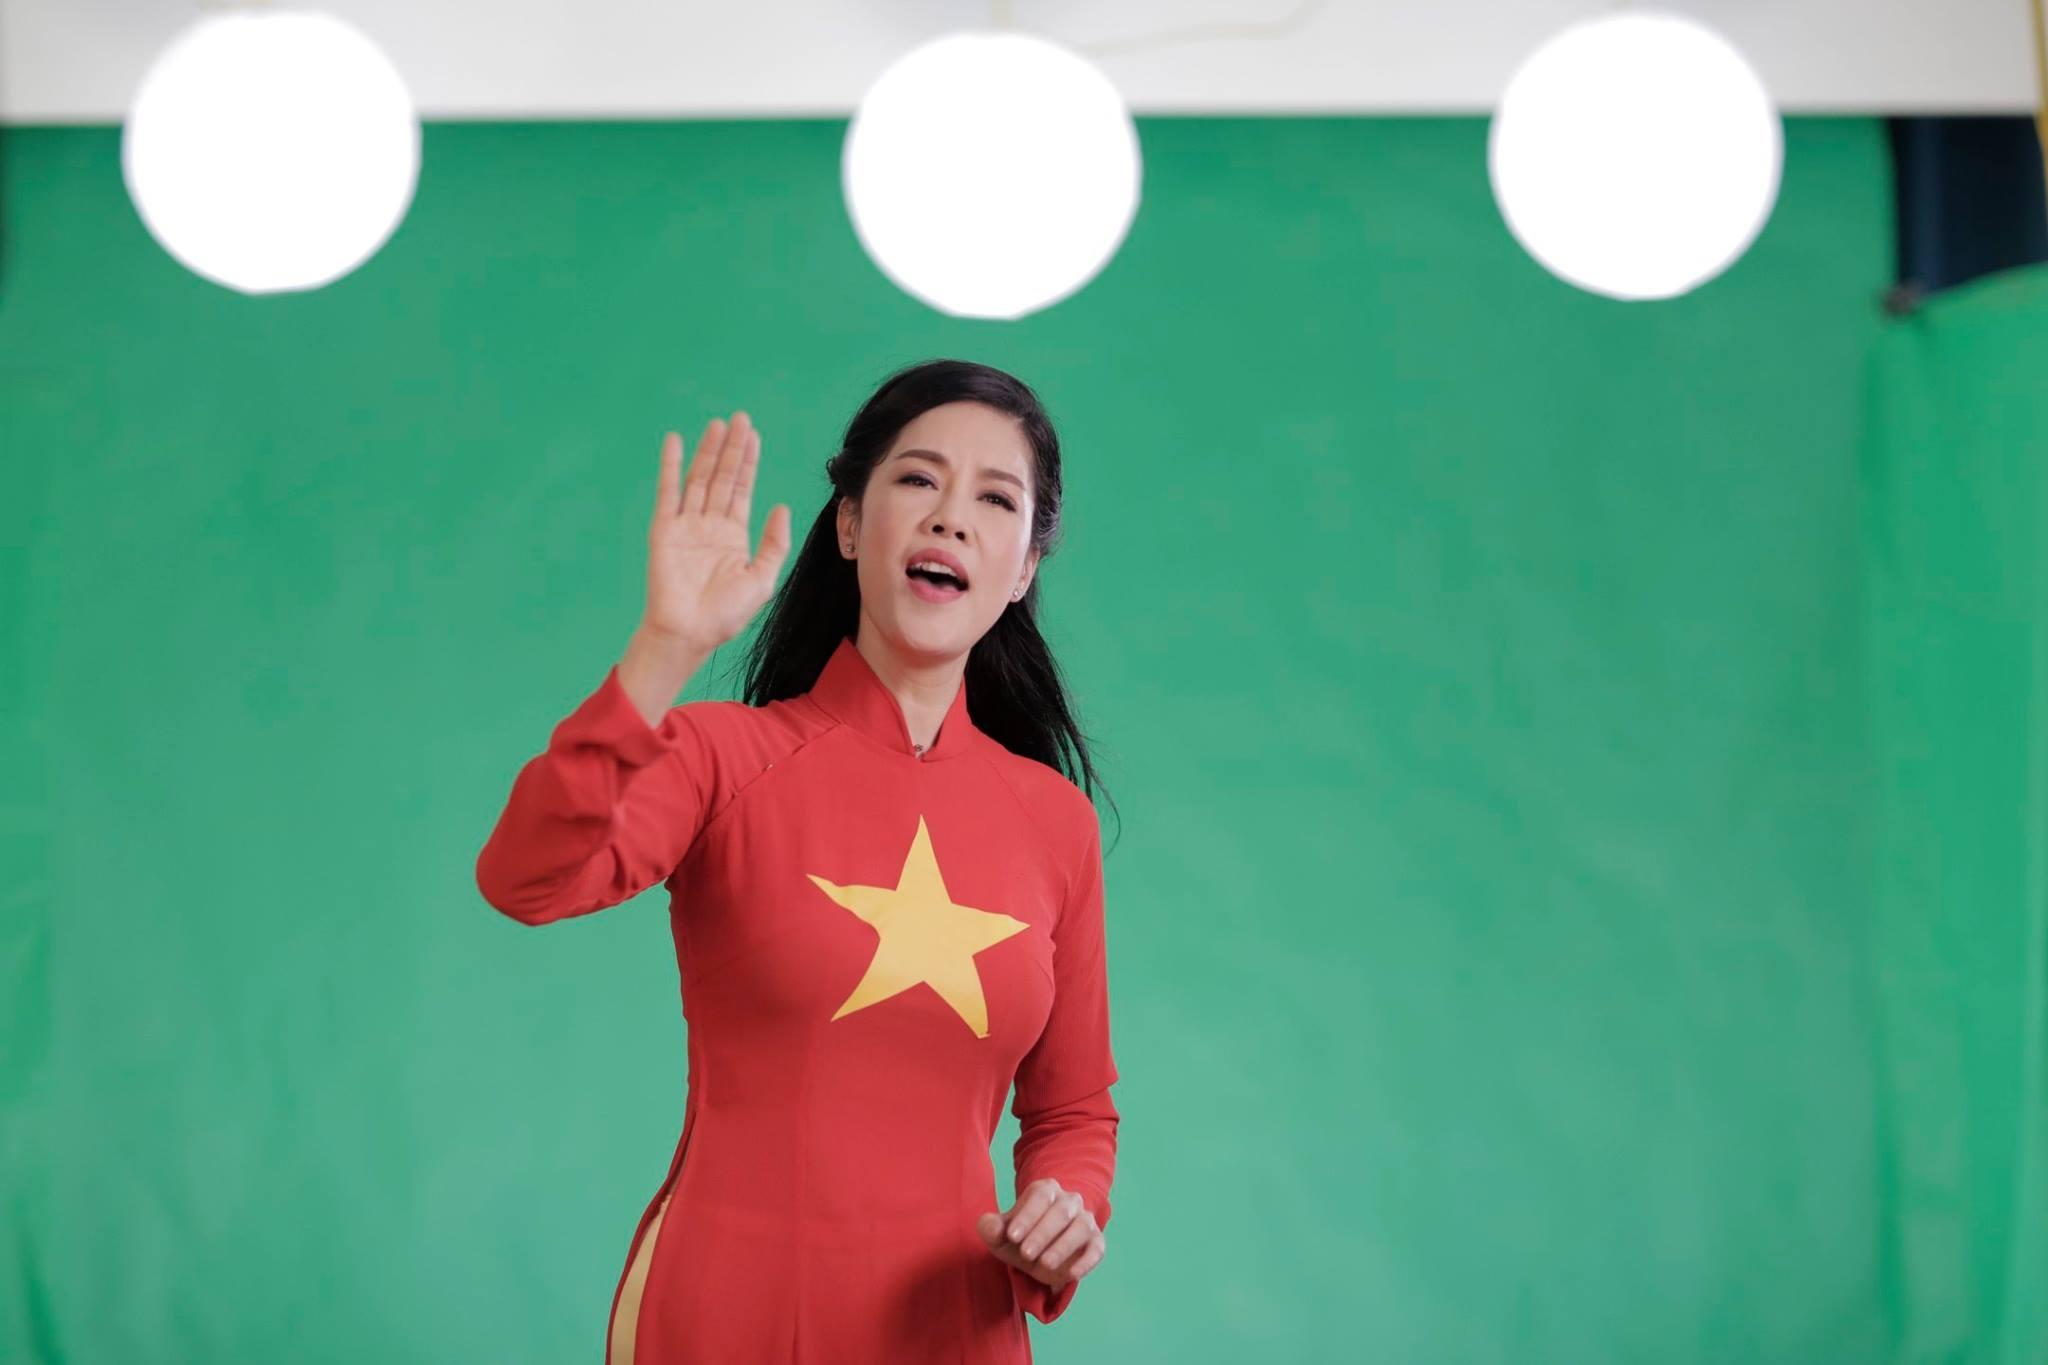 Nghệ sĩ Việt bày tỏ lòng yêu nước bằng MV song ngữ Việt - Anh - 3